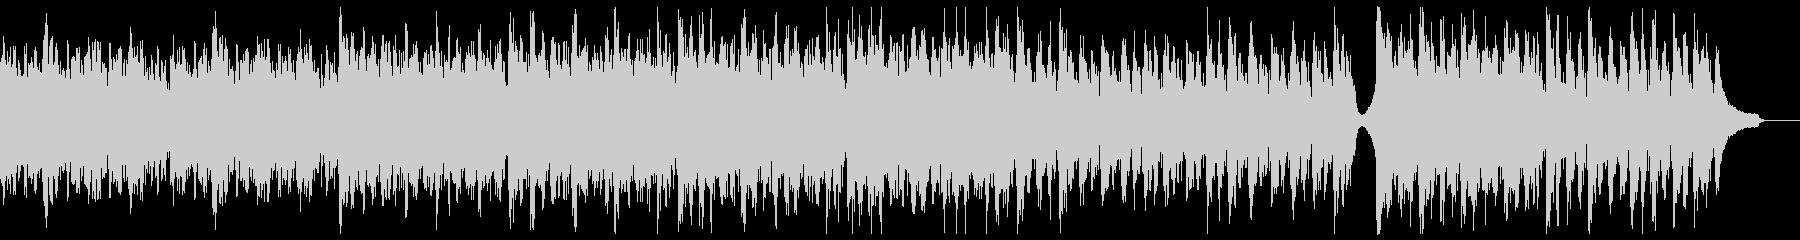 明るく穏やかな箏&ピアノ:メロディ抜き2の未再生の波形